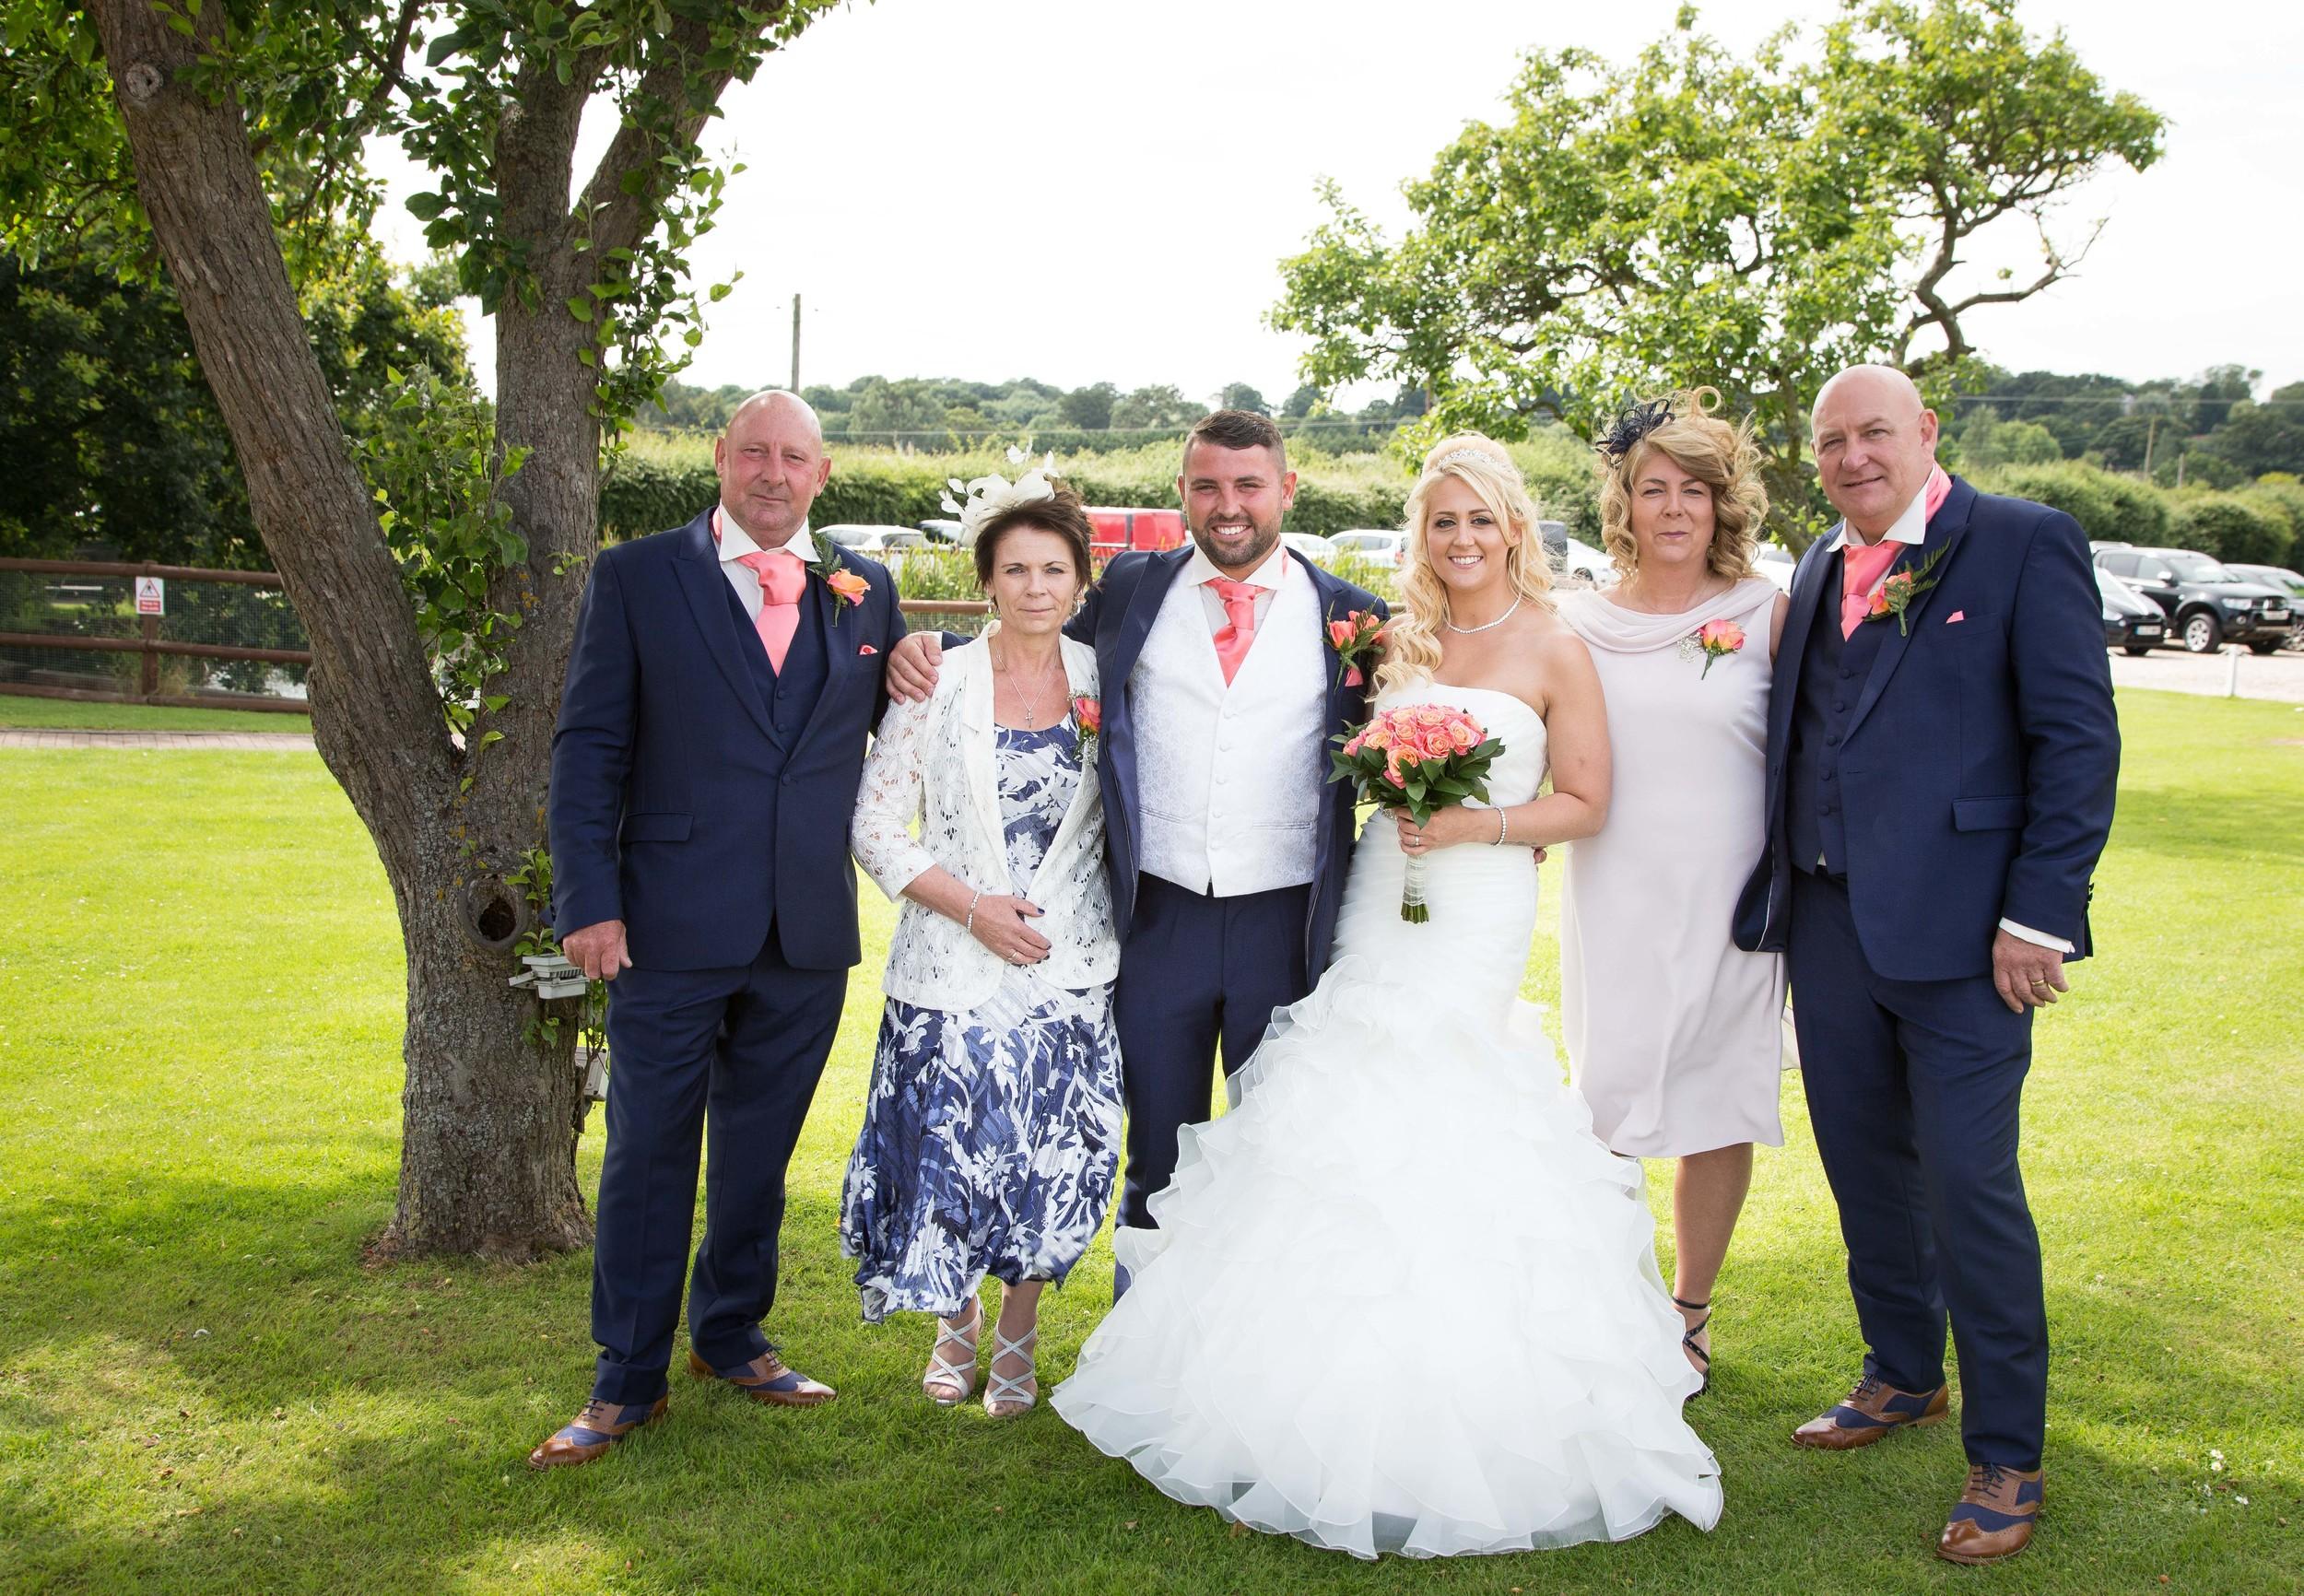 Essex-countryside-wedding-summer-formal2